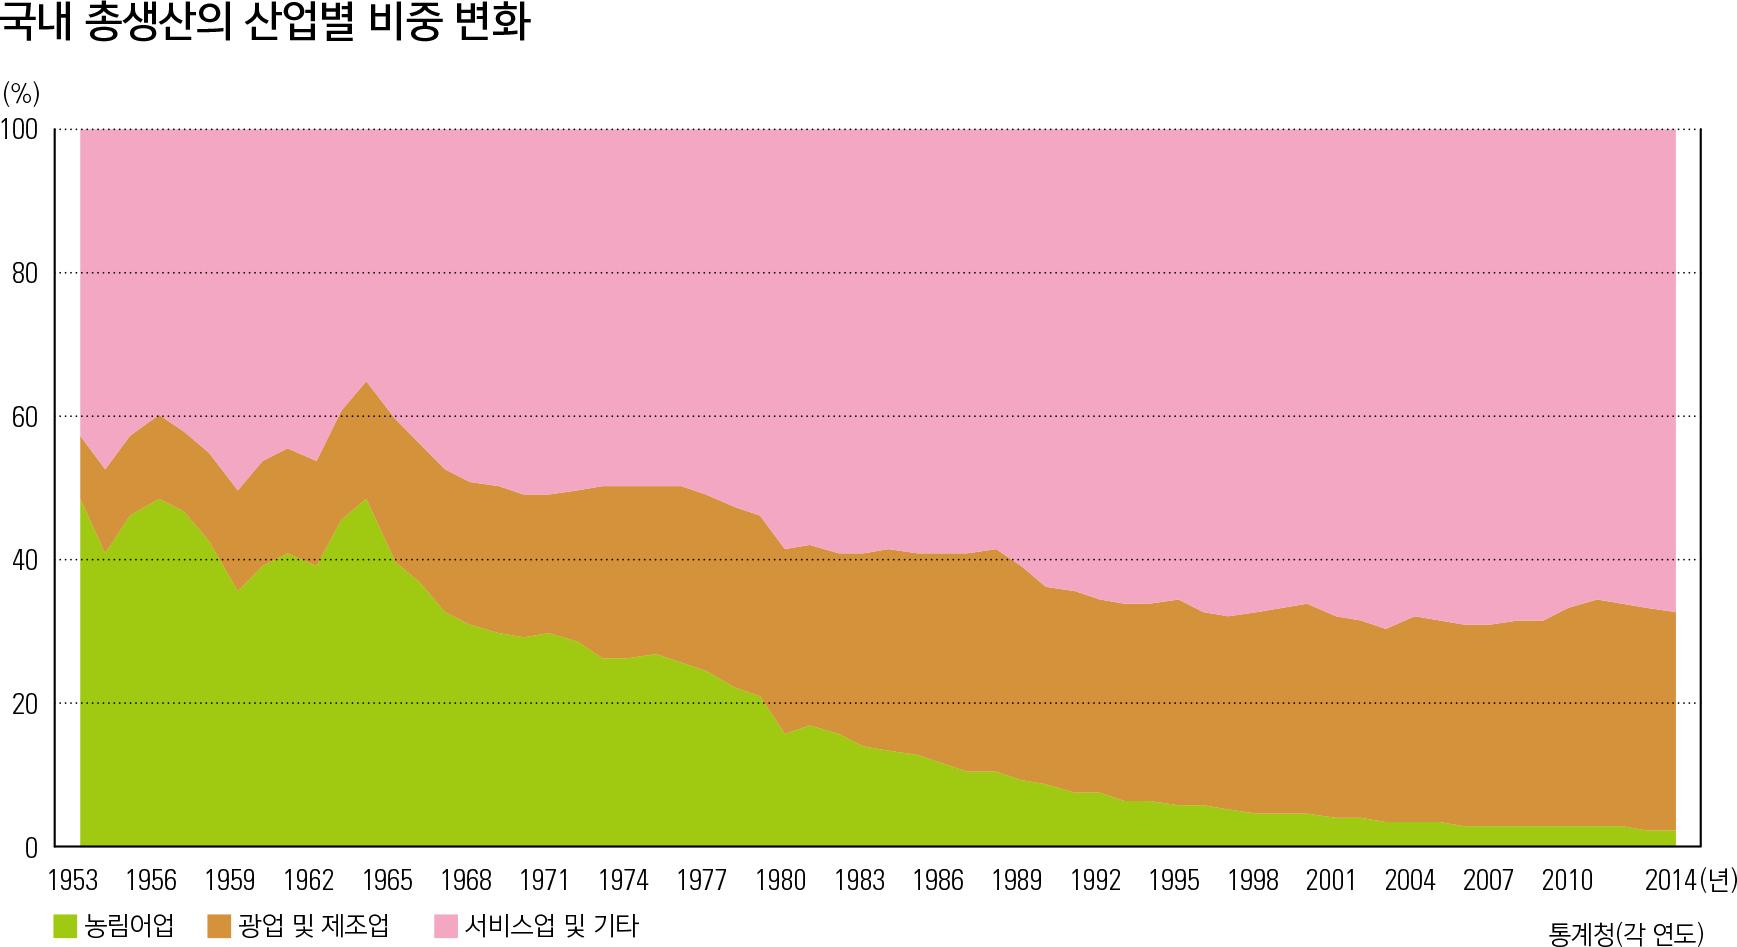 국내 총생산의 산업별 비중 변화